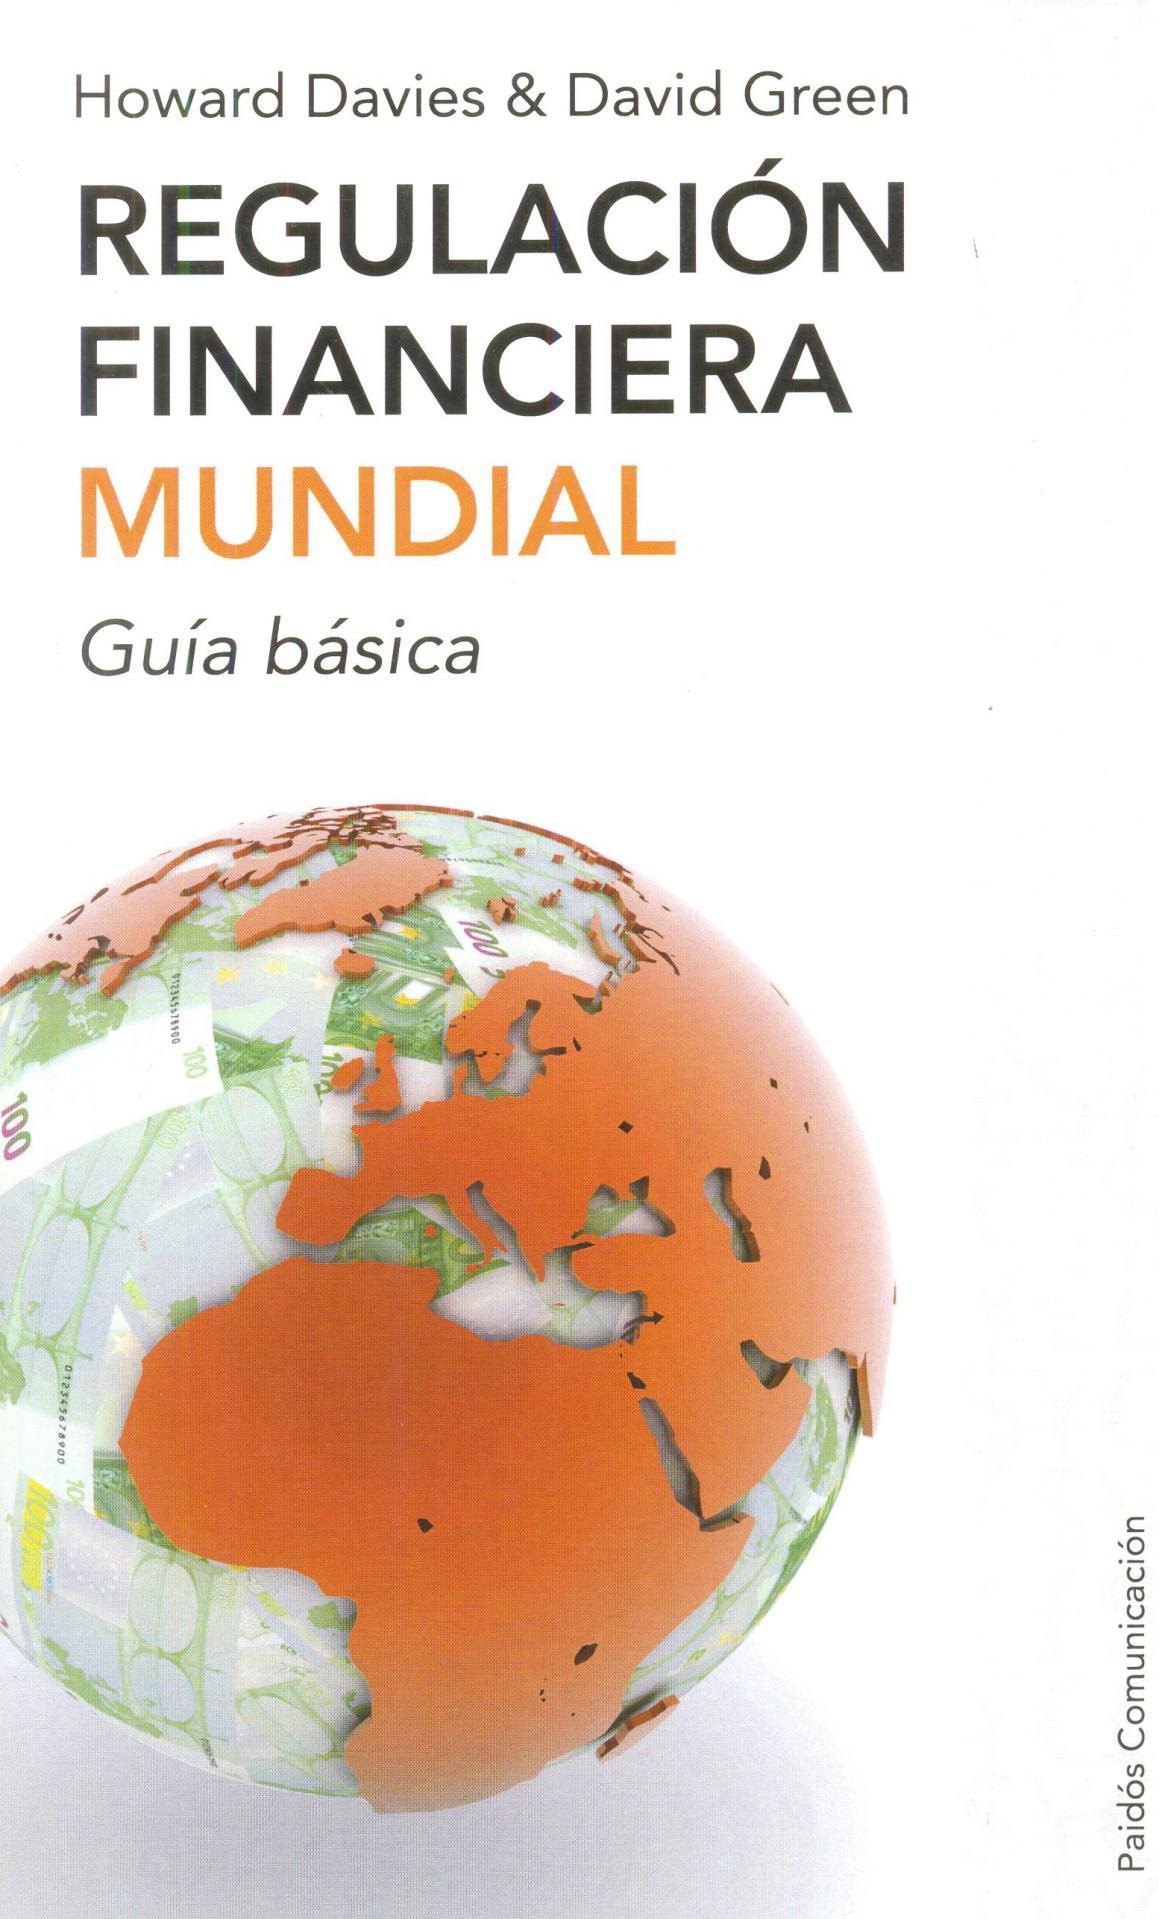 REGULACIÓN FINANCIERA MUNDIAL. Guía básica. Davies, H y Green, D.